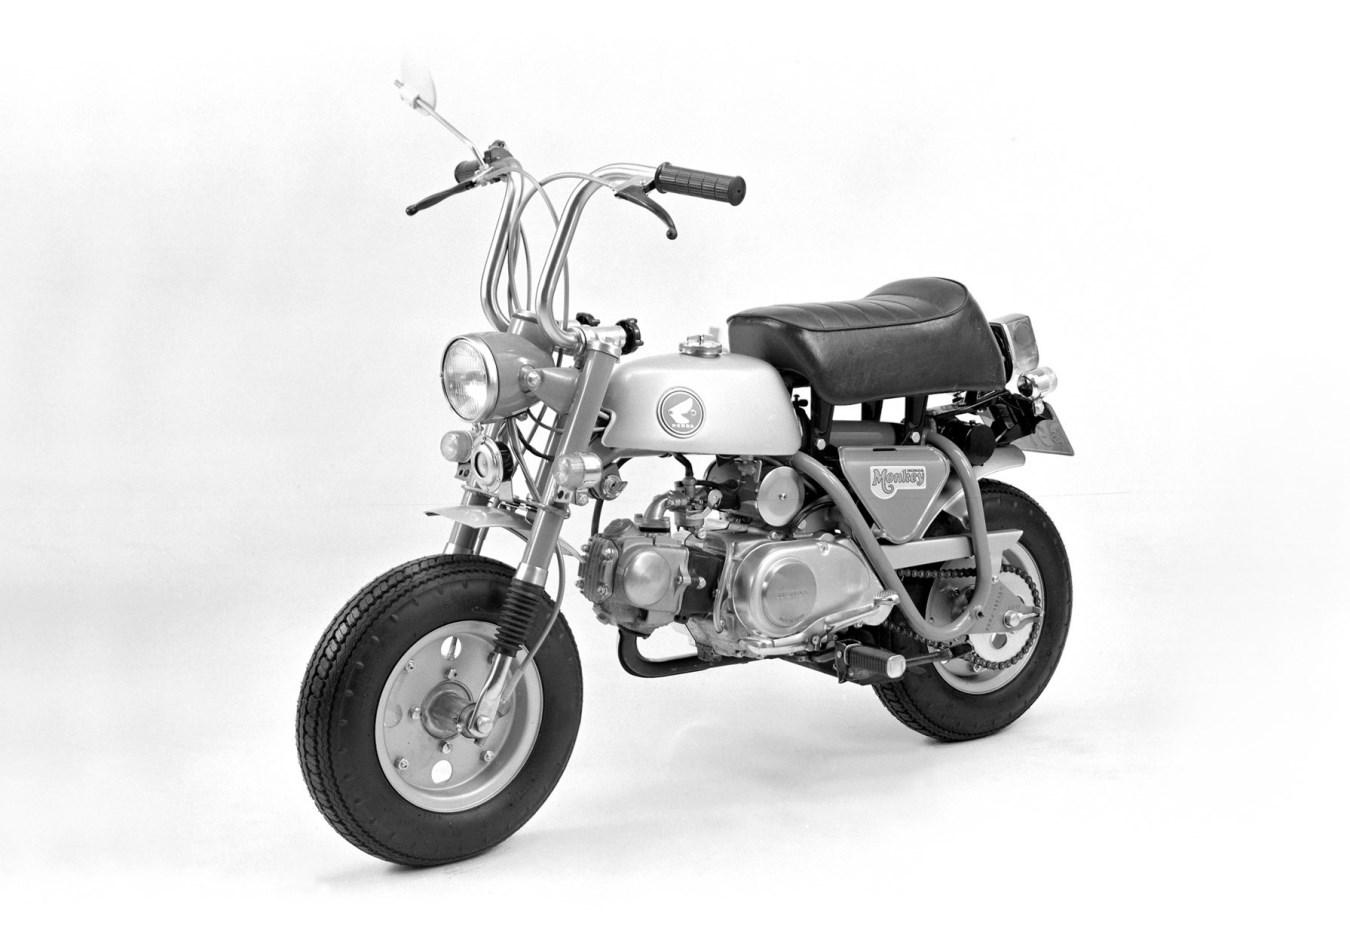 """1969 - ה-Z50A, עם גלגלי """"8, מזלג טלסקופי ואגזוז נמוך"""